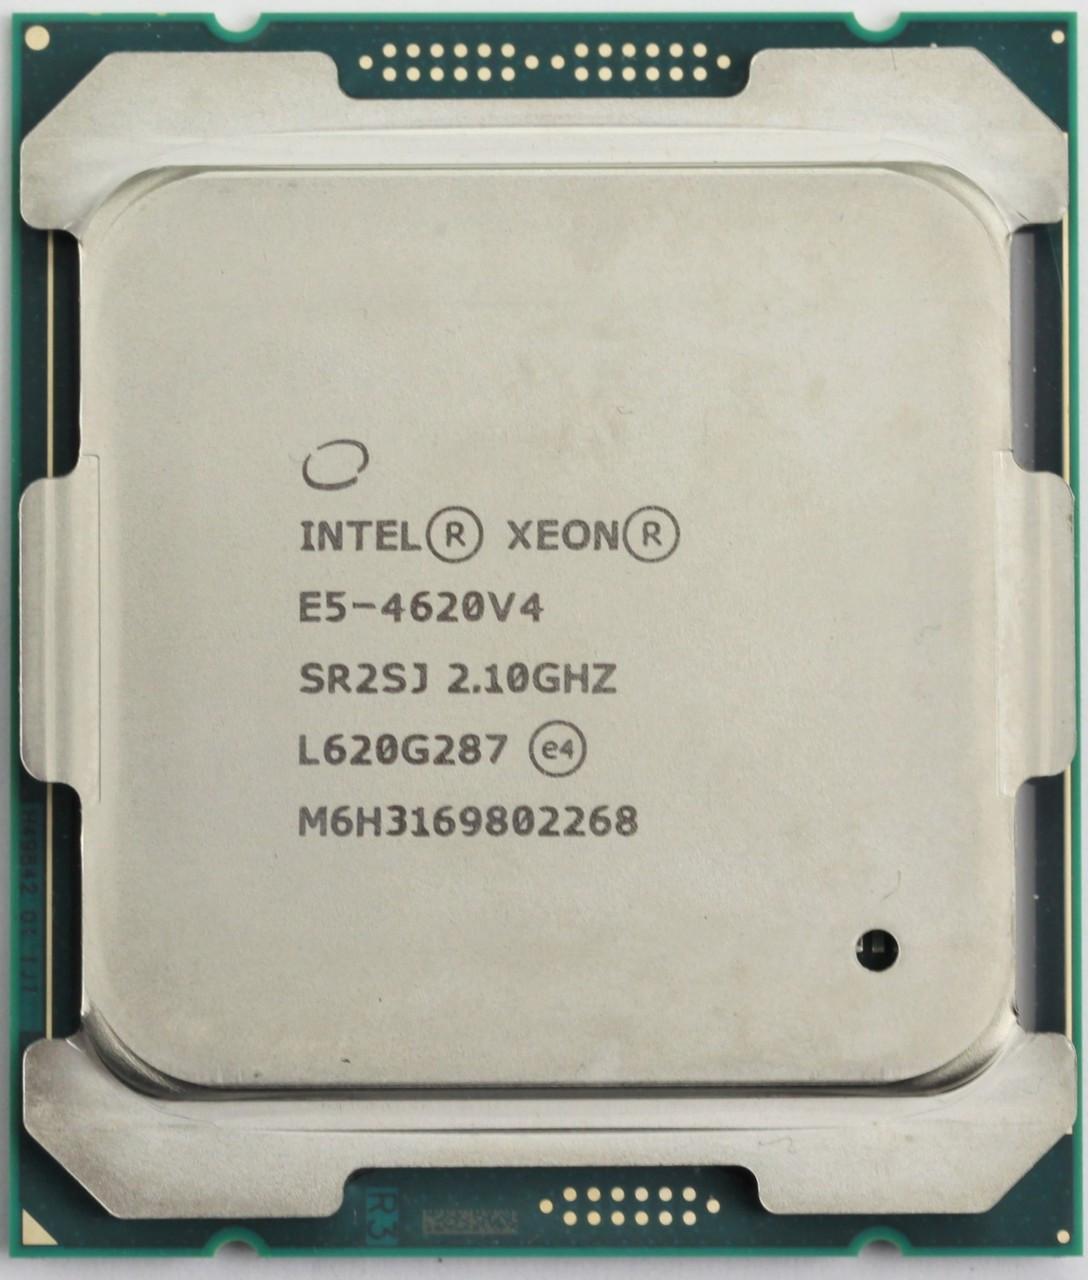 Intel Xeon E5-4620V4 10 Core Processor